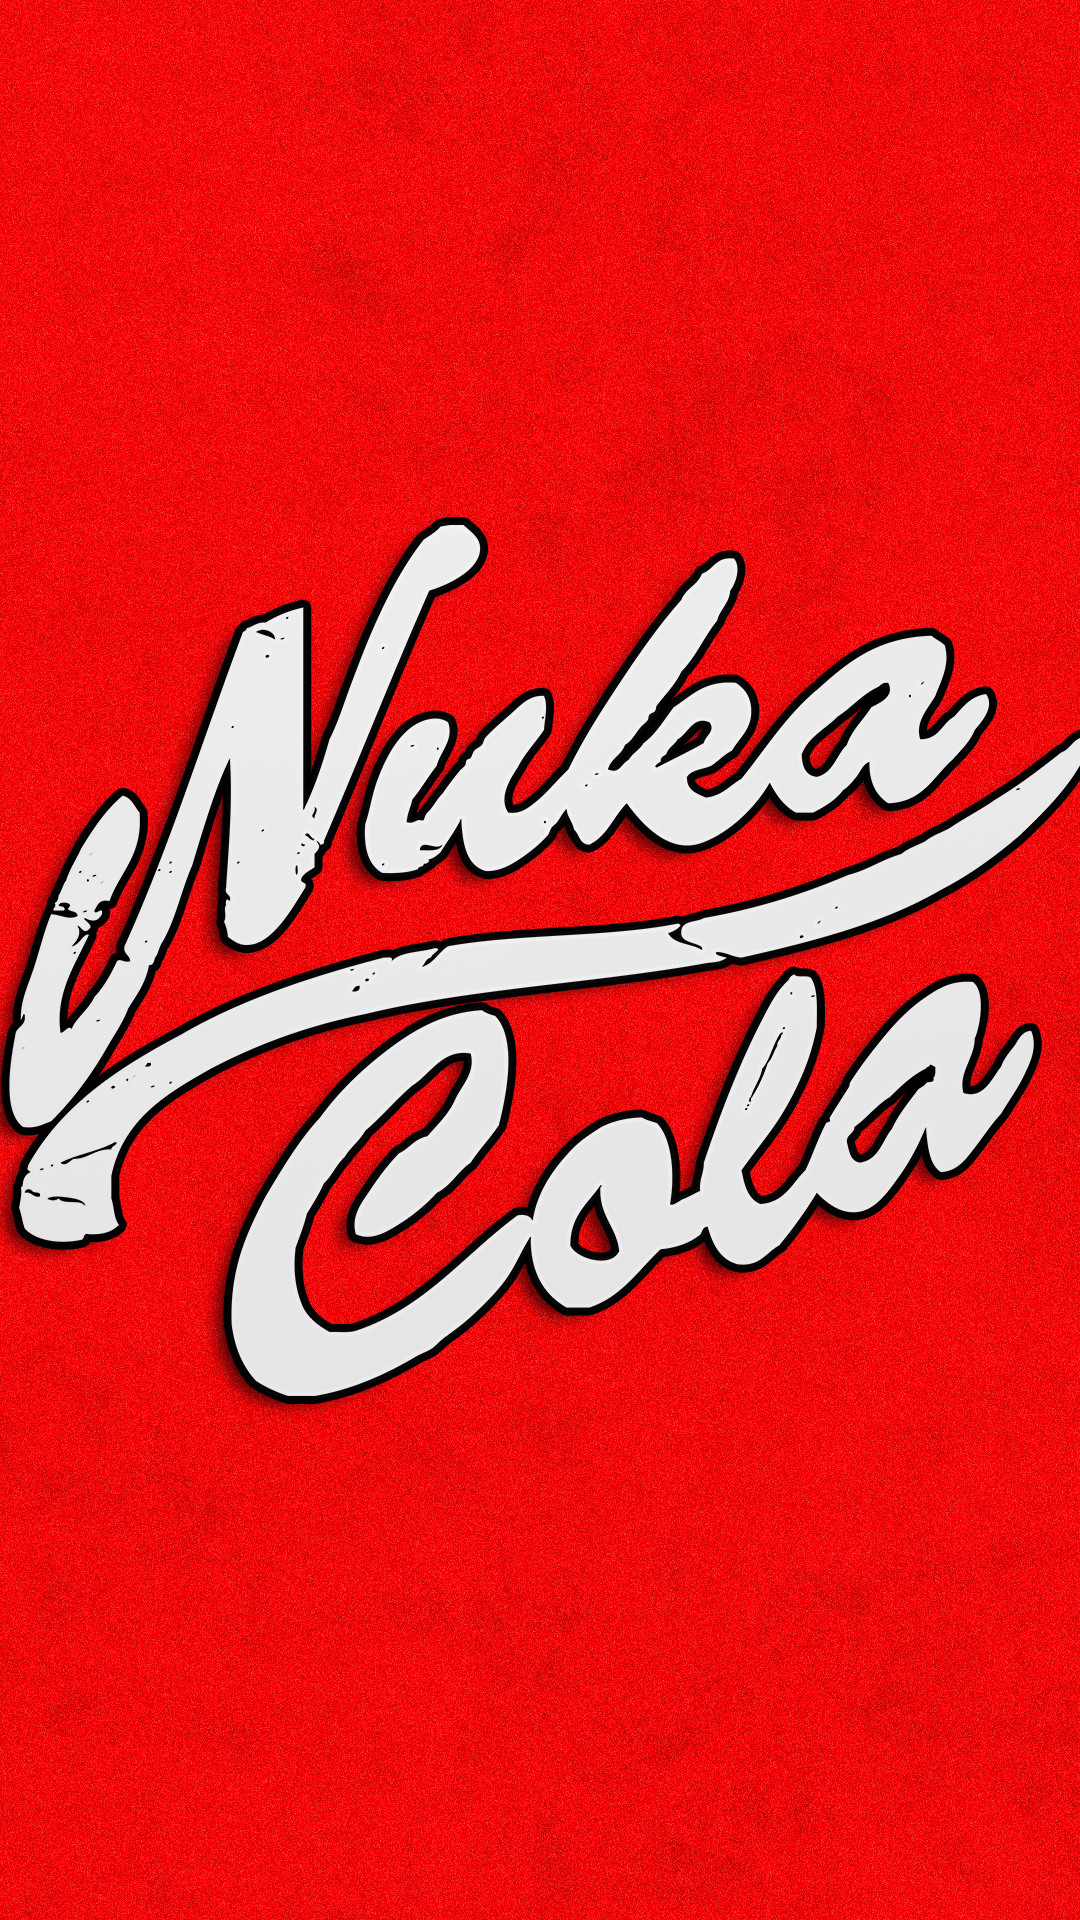 Res: 1080x1920, Nuka Cola Phone Wallpaper